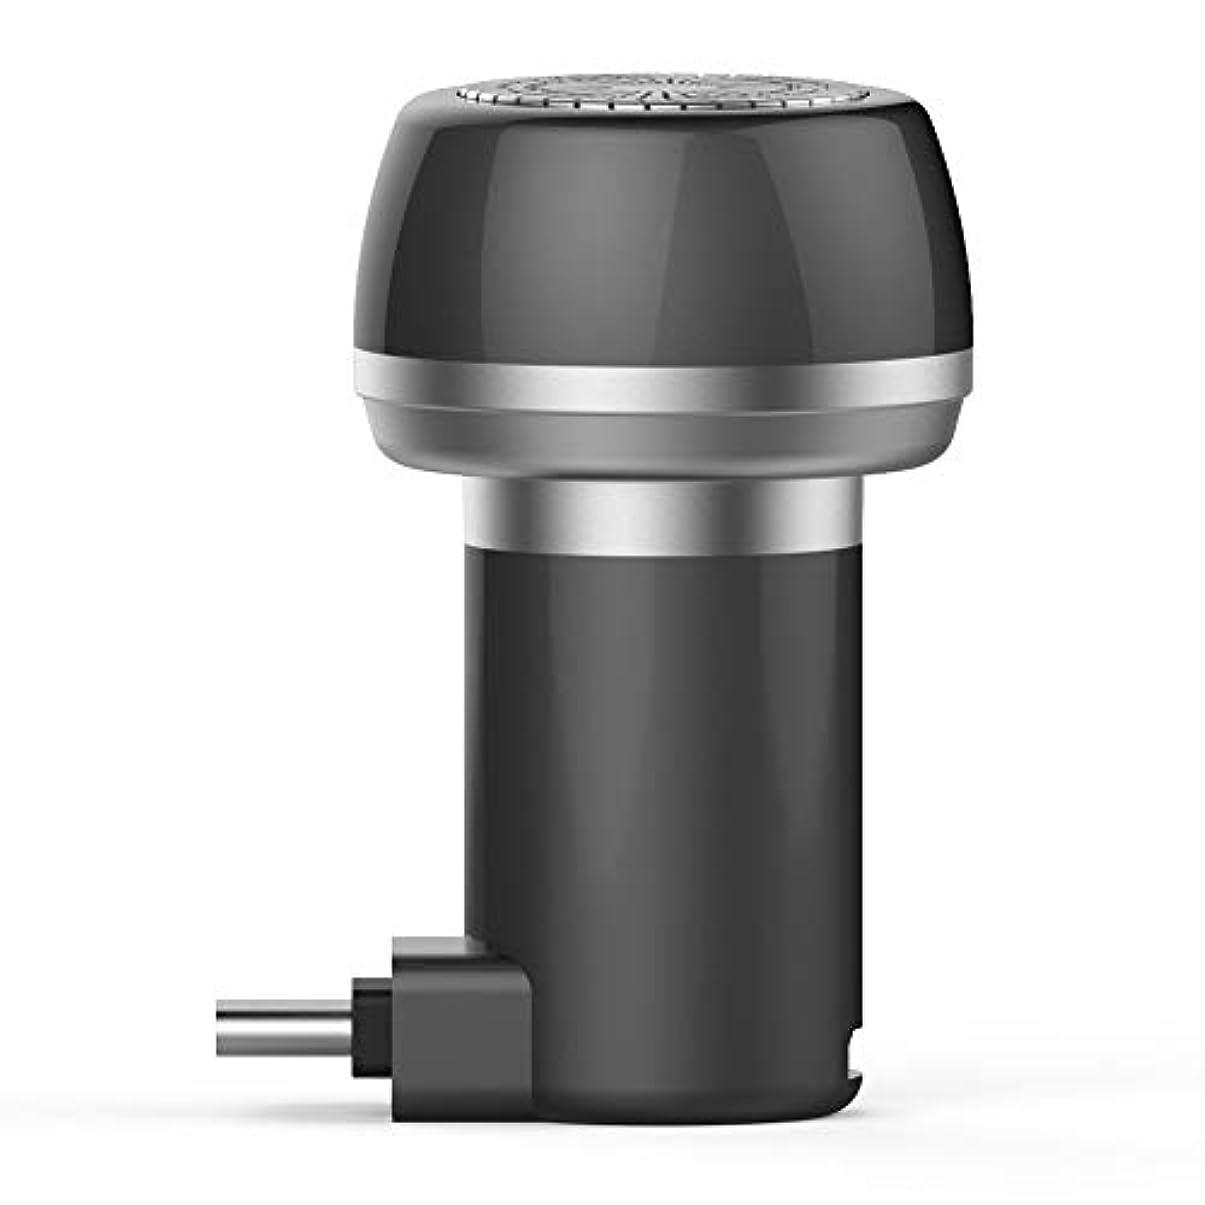 ロードハウス岩生き残りますXlp  電気充電式シェーバー、2に付き1磁気電気シェーバーミニポータブルType-C USB防水耐久性剃刀